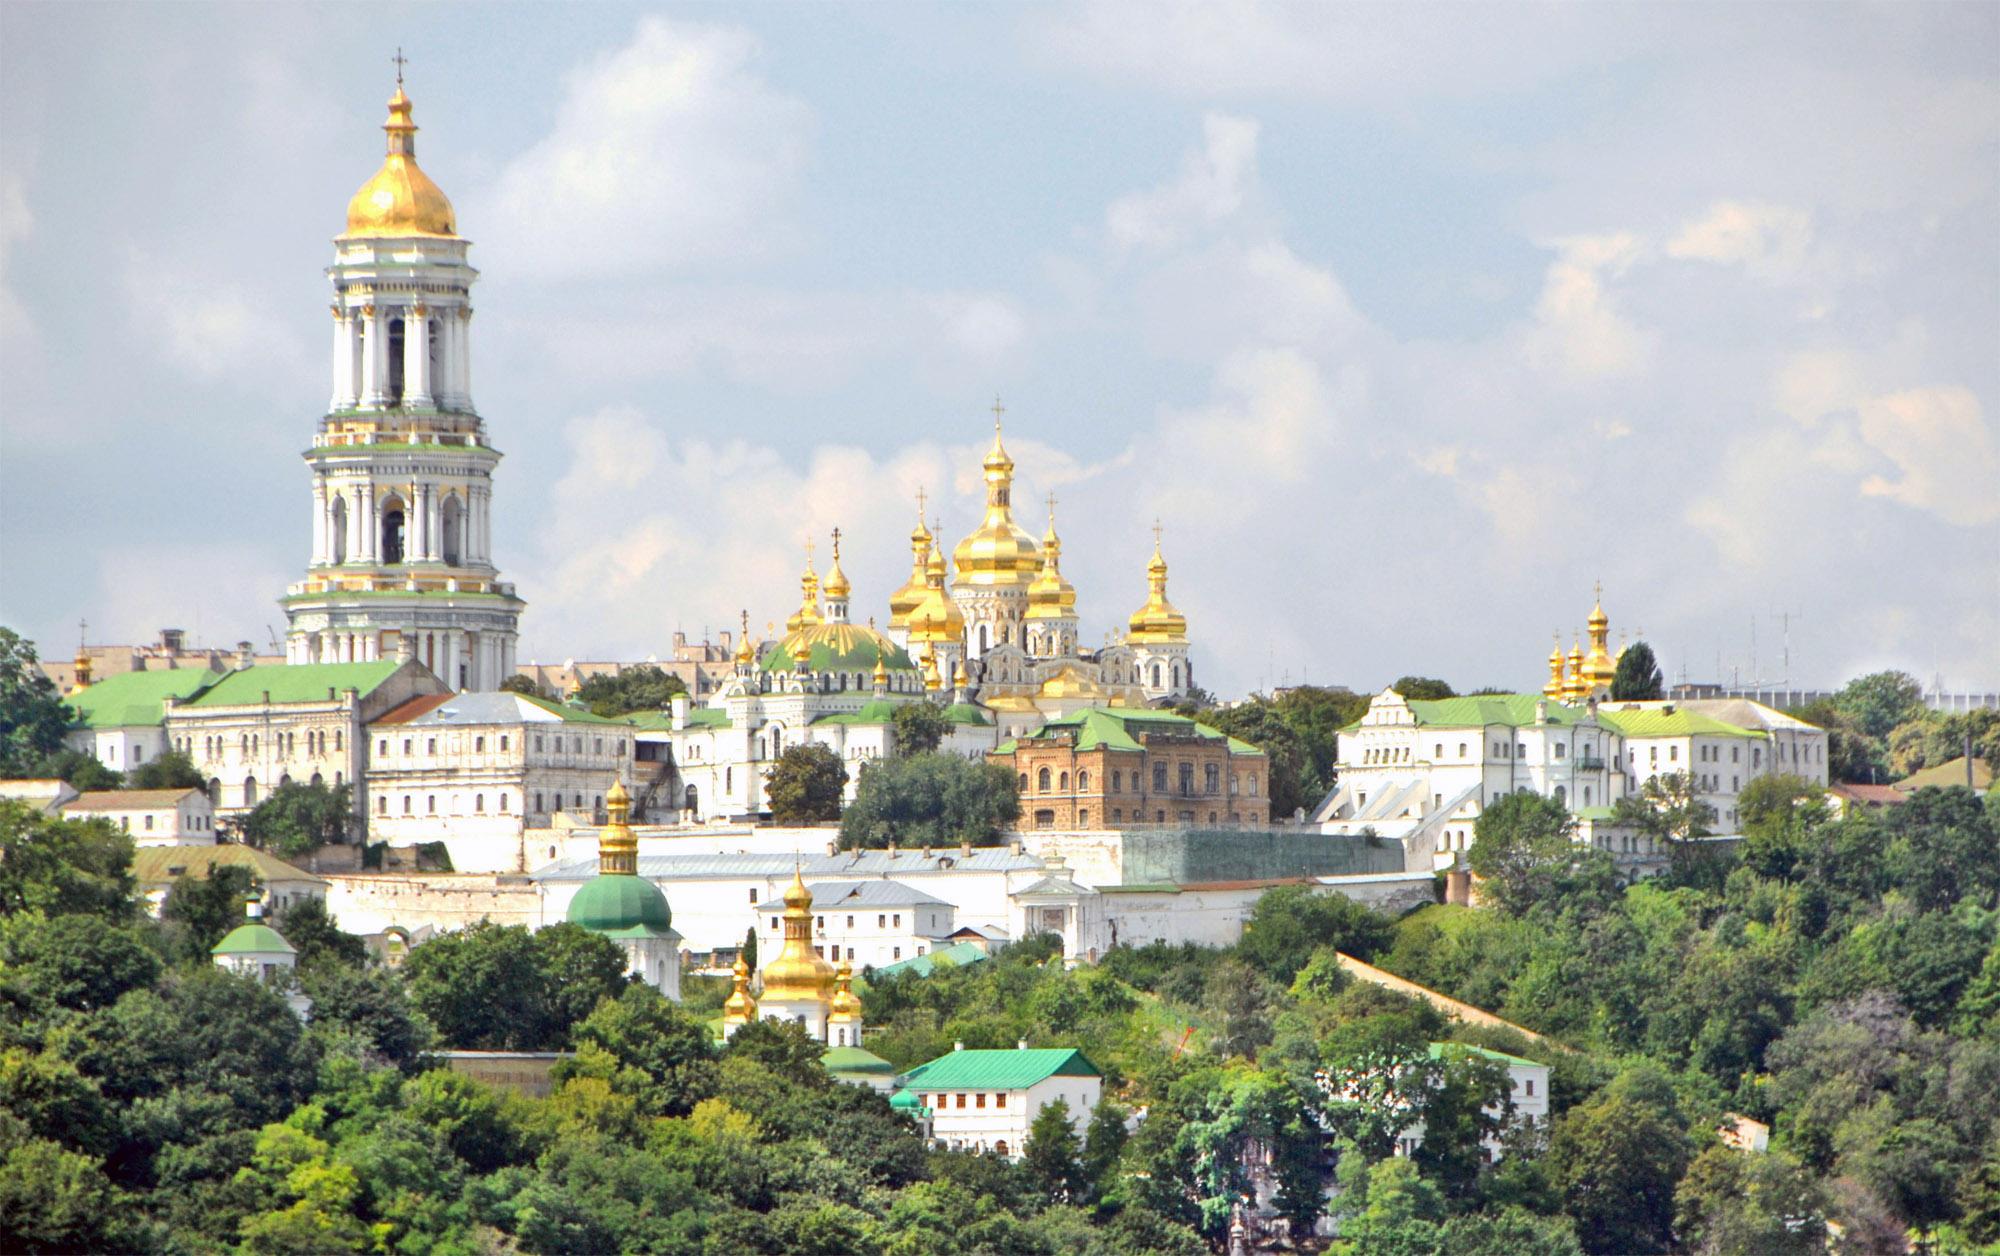 Katedrala Lavra (visitukraine.com)